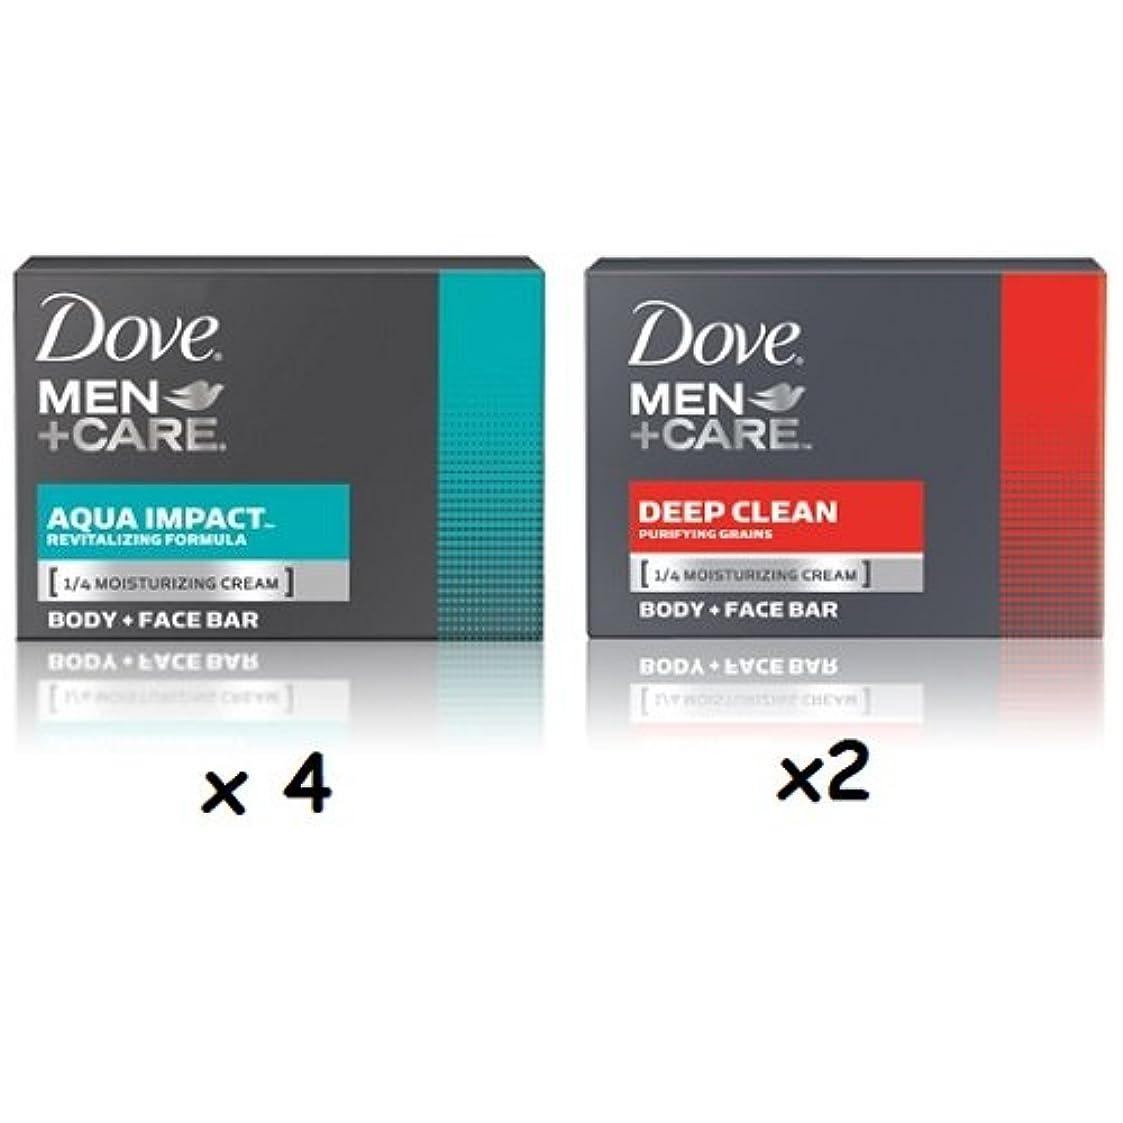 チロ競合他社選手理容師【6個セット】Dove MEN+CARE Body&Face Bar Soap (4ozx6) ダヴ メンズプラスケア 体&顔用の固形石鹸(113gx6)(Deep Clean 4個とAqua Impact2個 合計6個セット)